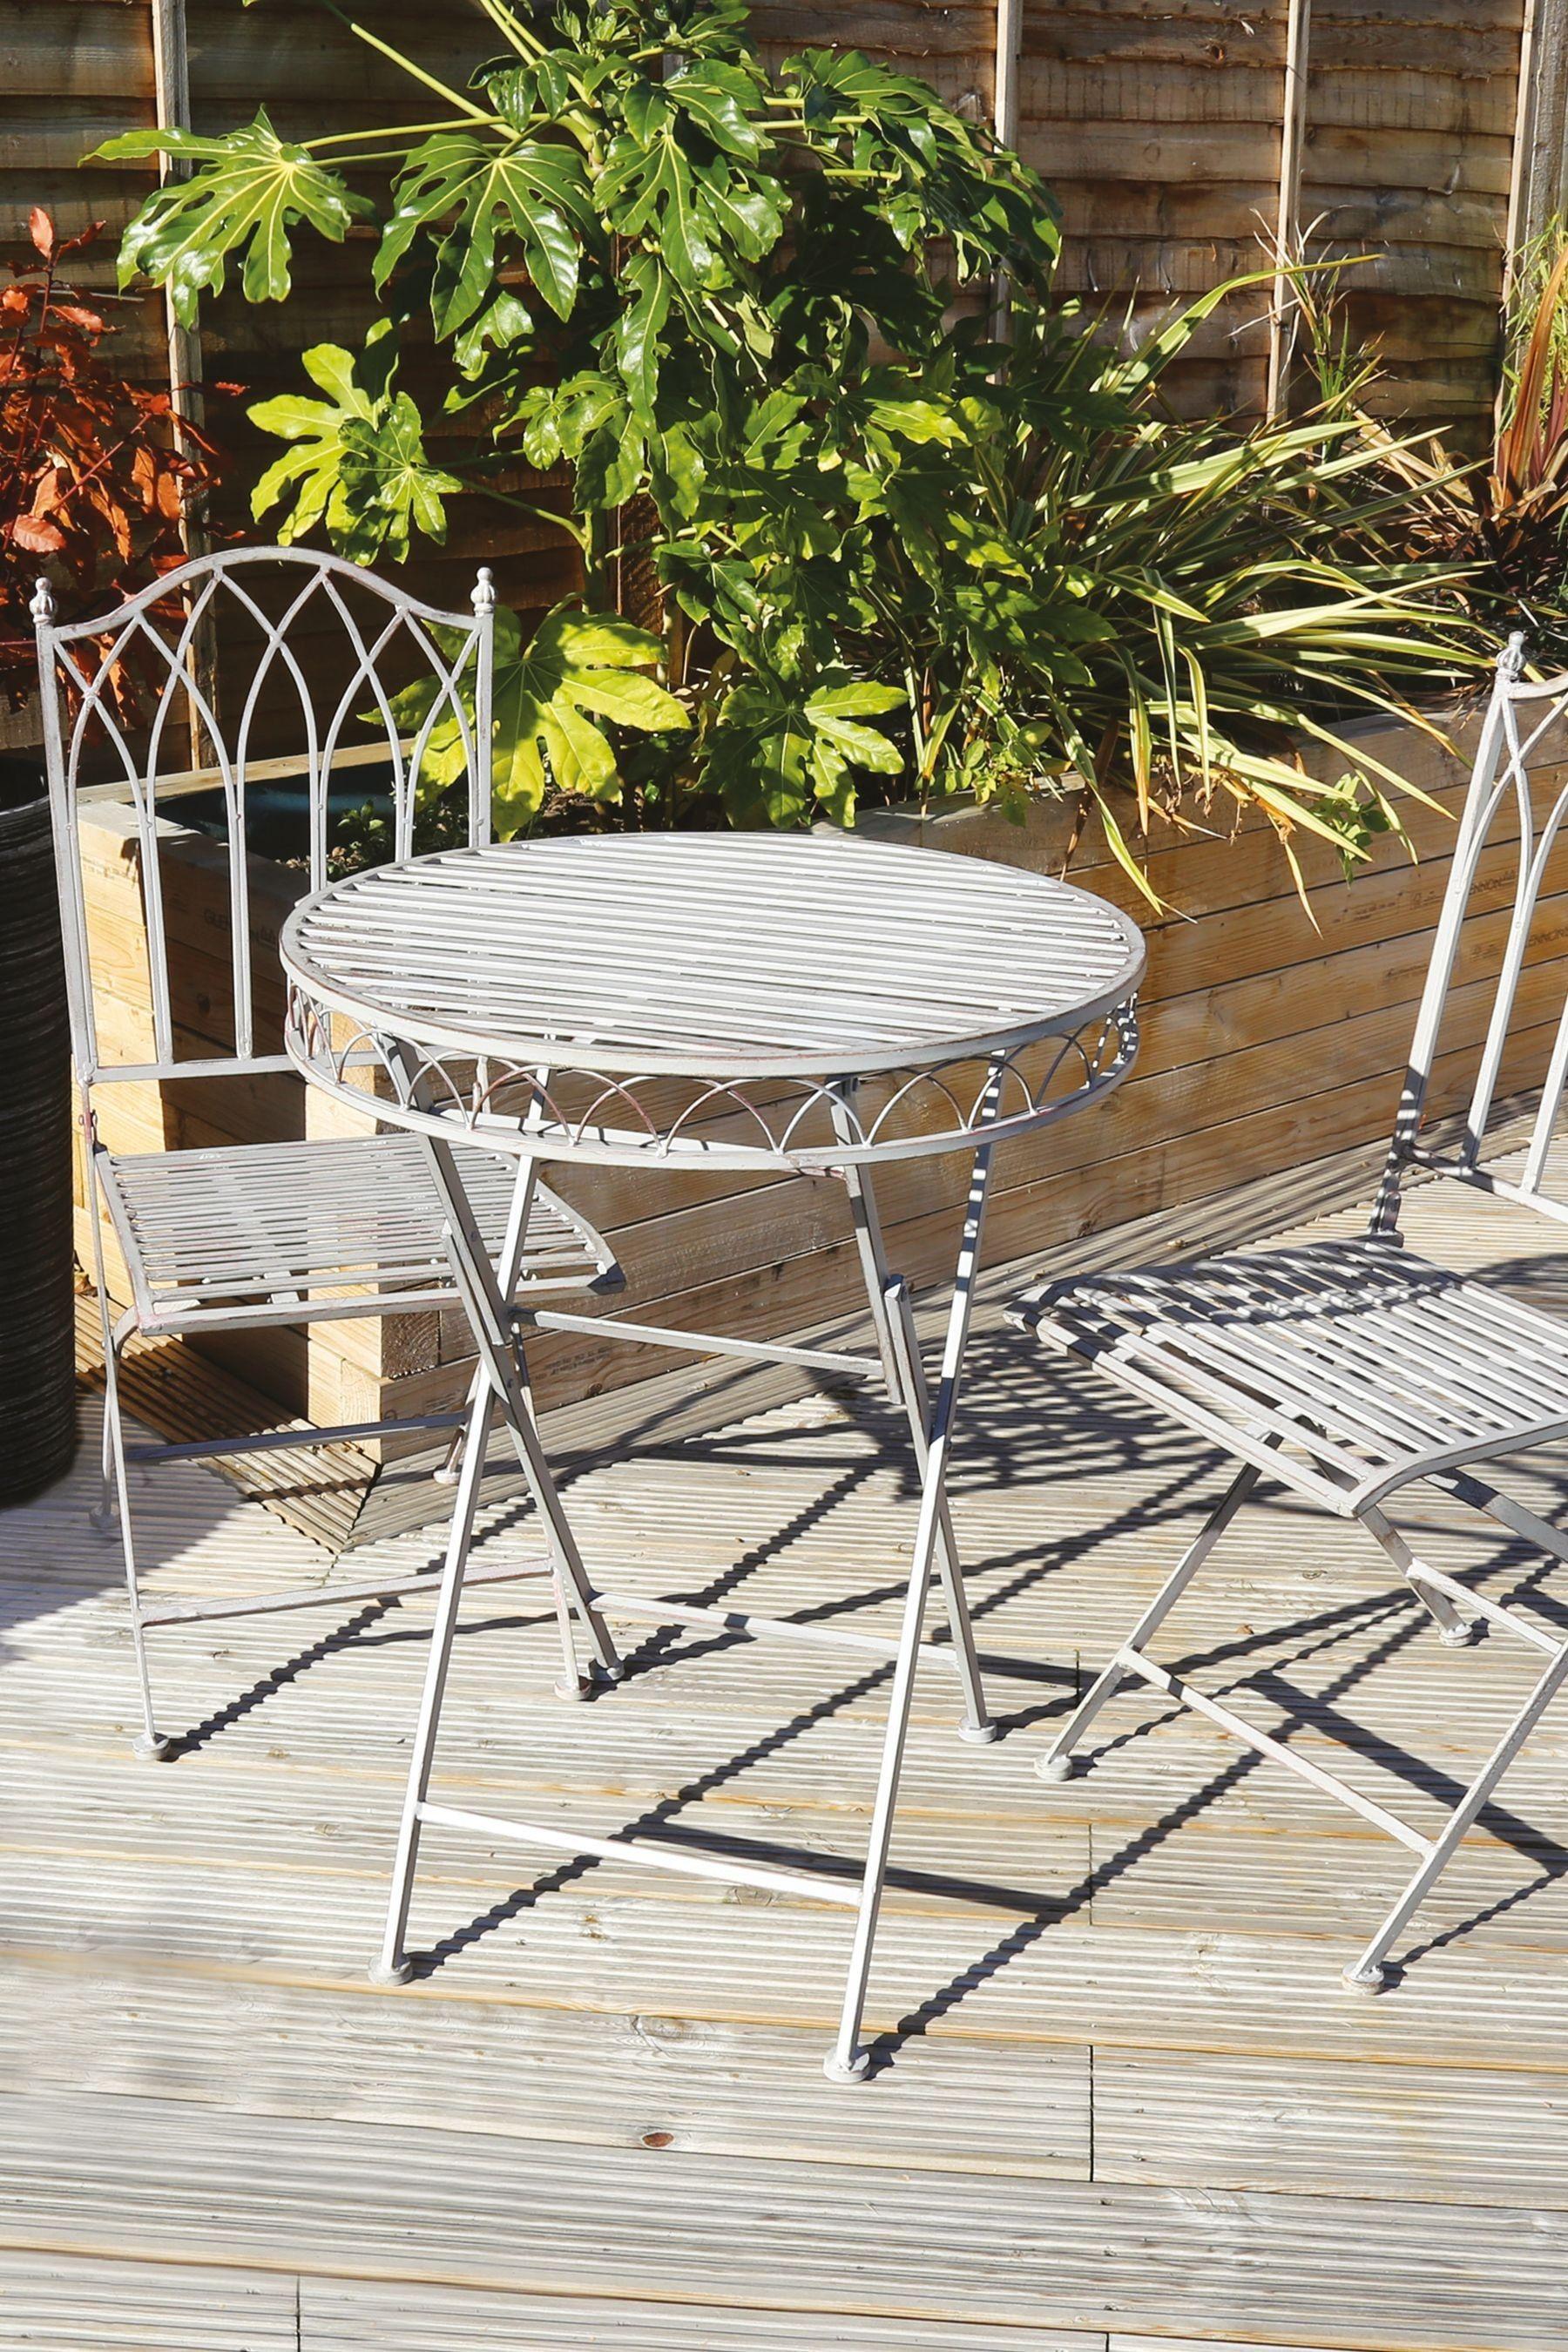 Bistro Set By Charles Bentley Bistro Set Aluminum Patio